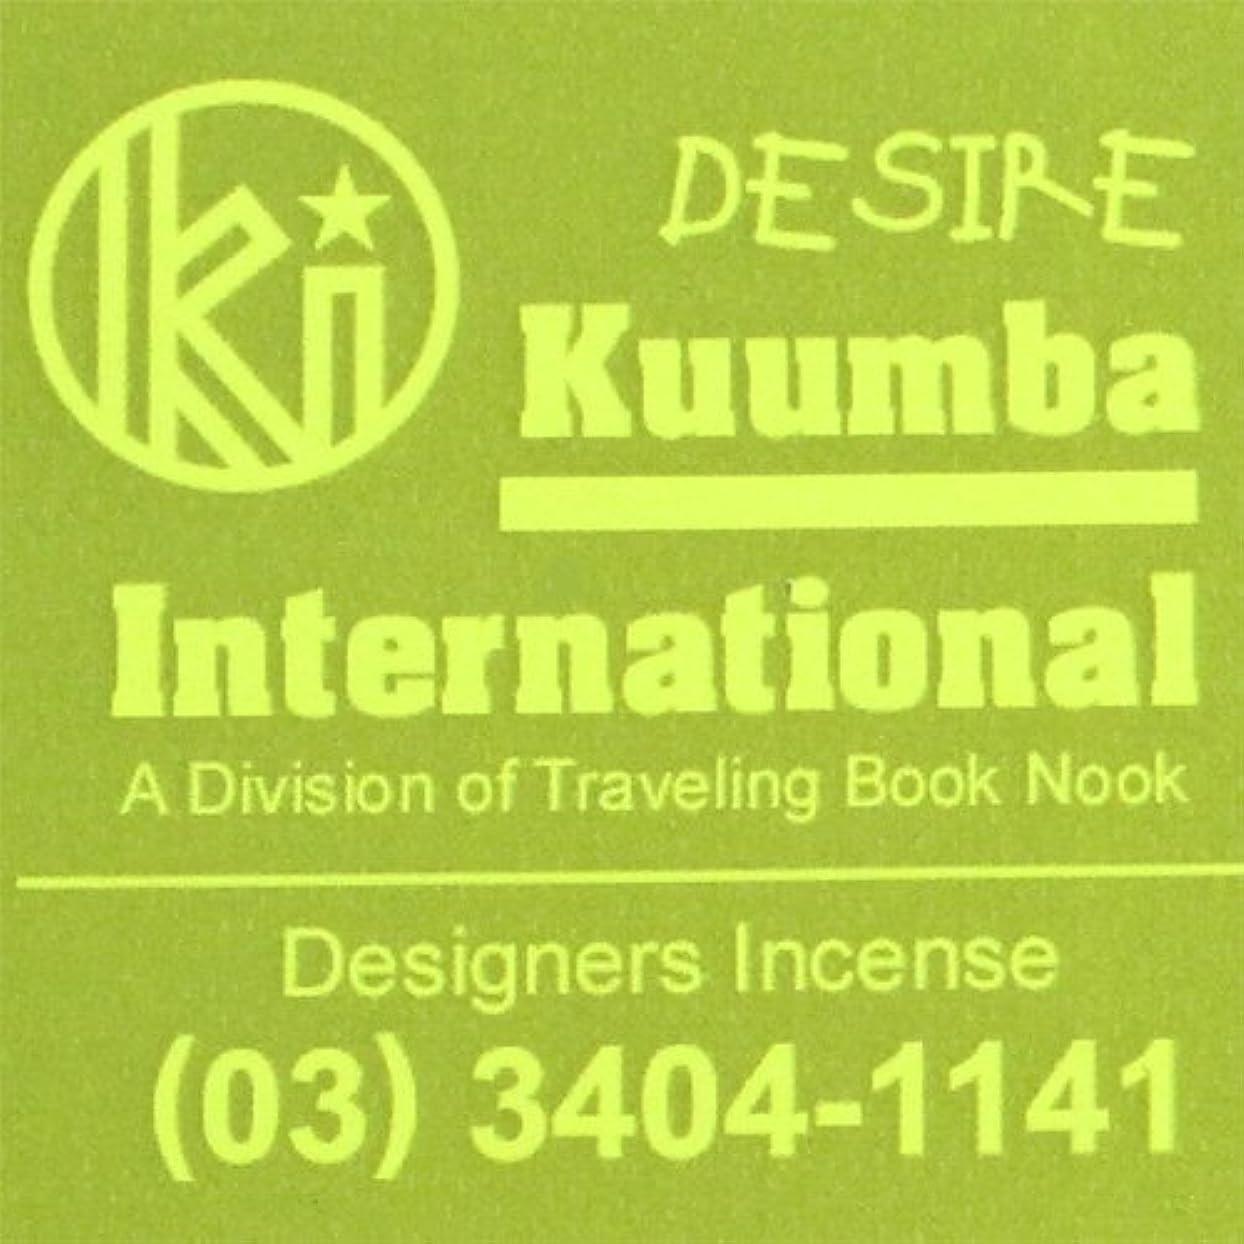 分類手謙虚(クンバ) KUUMBA『classic regular incense』(DESIRE) (Regular size)